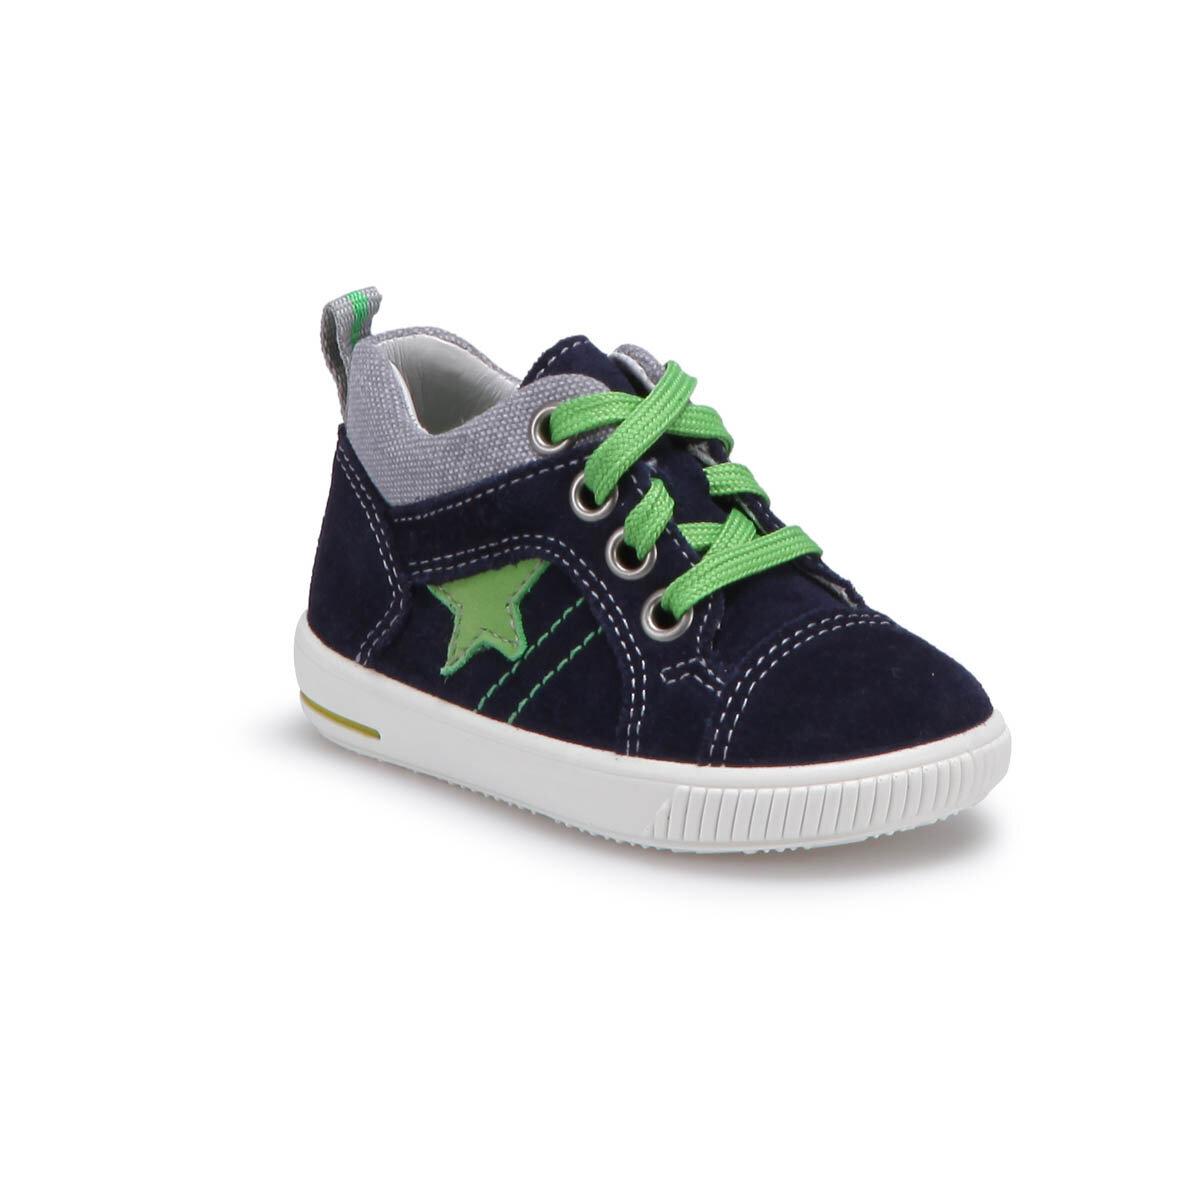 Lacivert Erkek Çocuk Ayakkabı 00353-81 BE